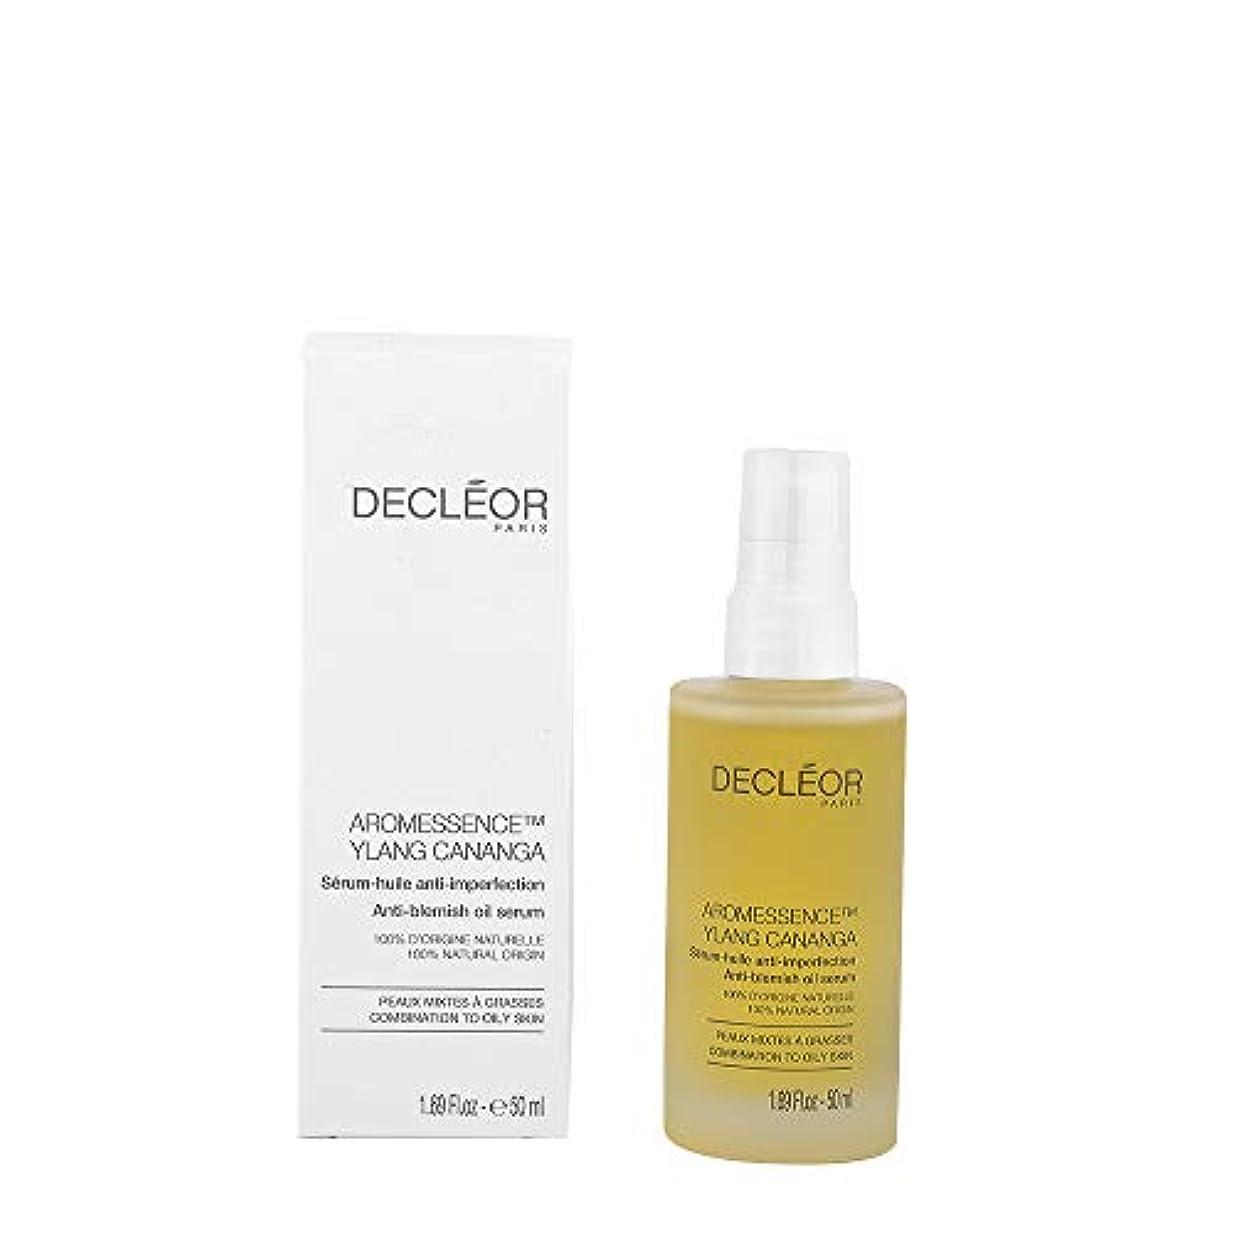 プロフィール賠償偏心デクレオール Aromessence Ylang Cananga Anti-Blemish Oil Serum - For Combination to Oily Skin (Salon Size) 50ml/1.69oz...